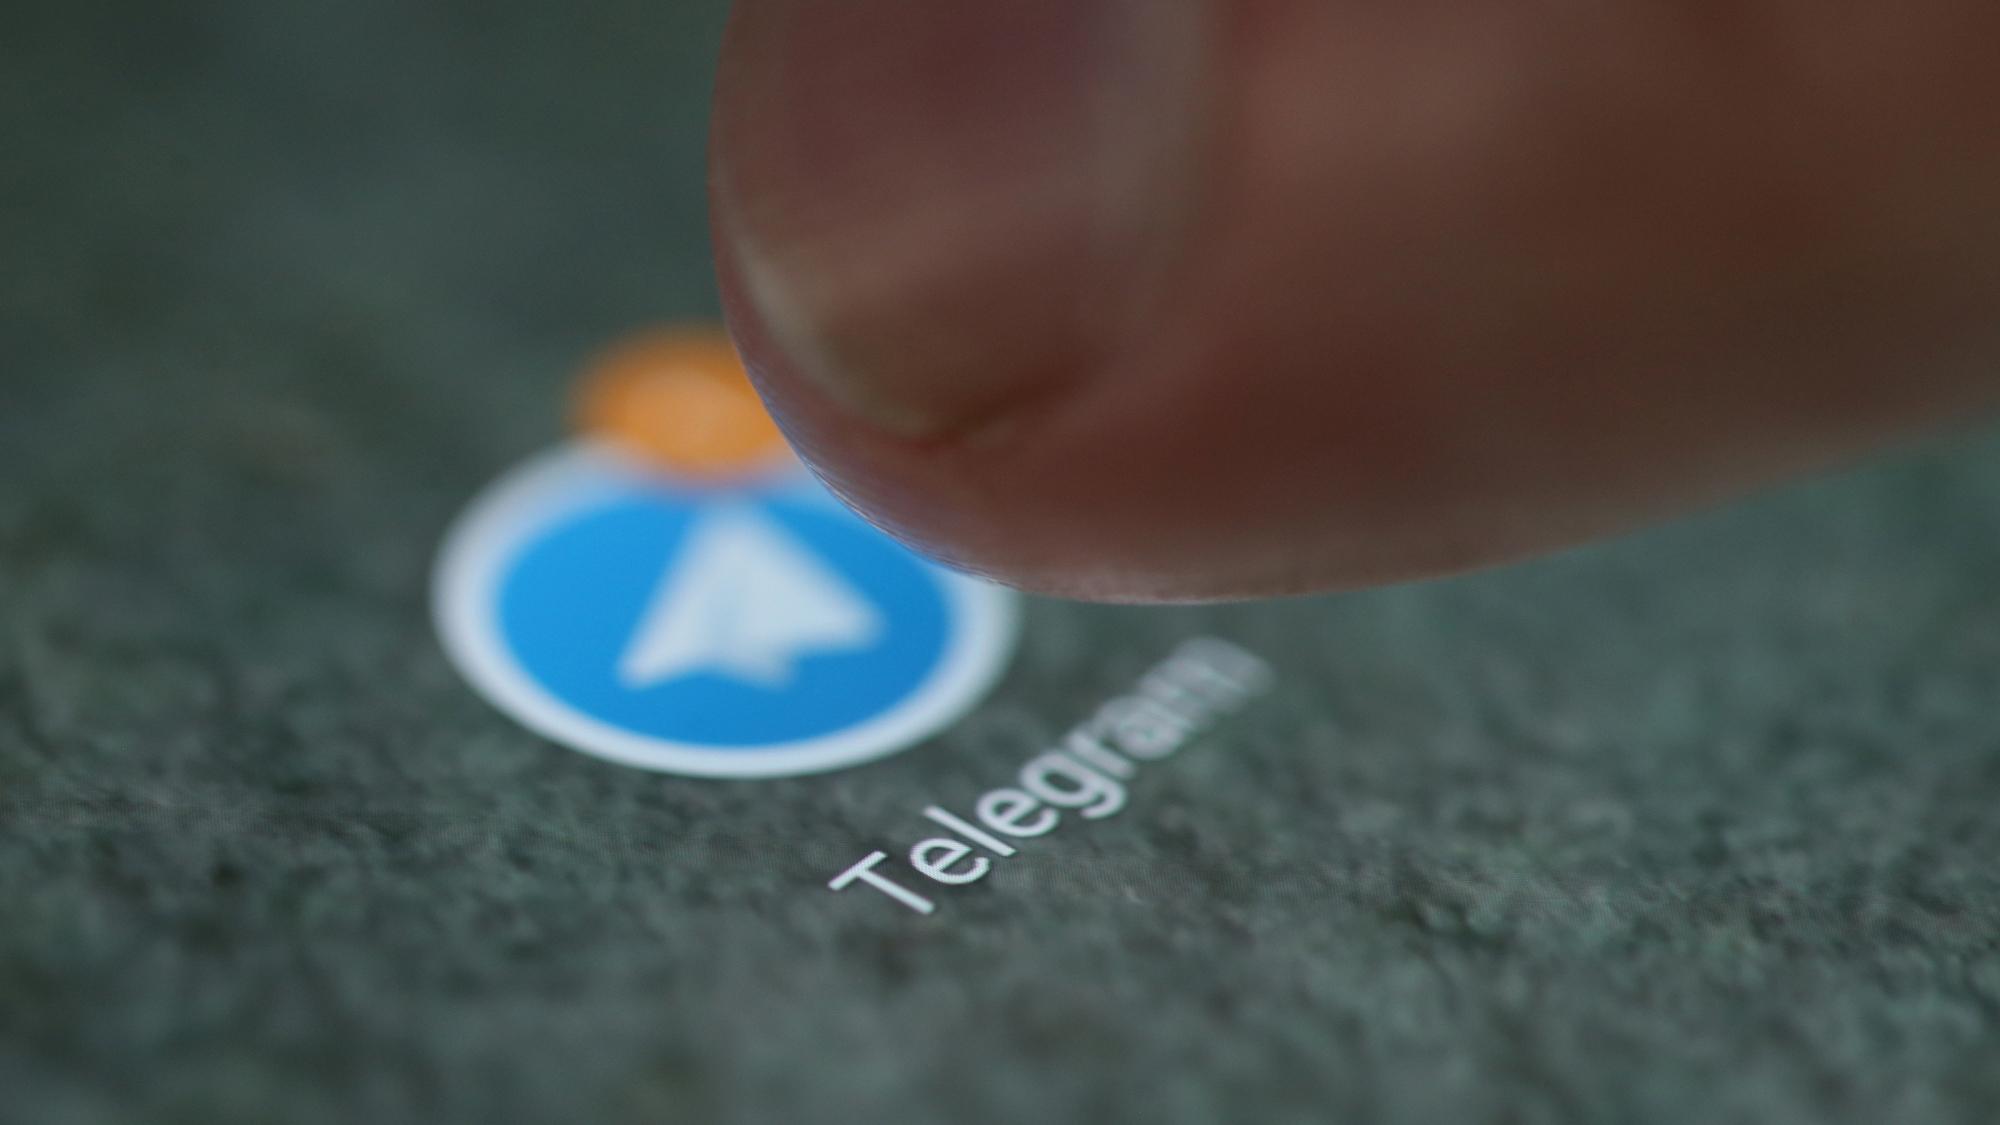 Telegram ganó 3 millones de nuevos usuarios gracias a la caída de Facebook